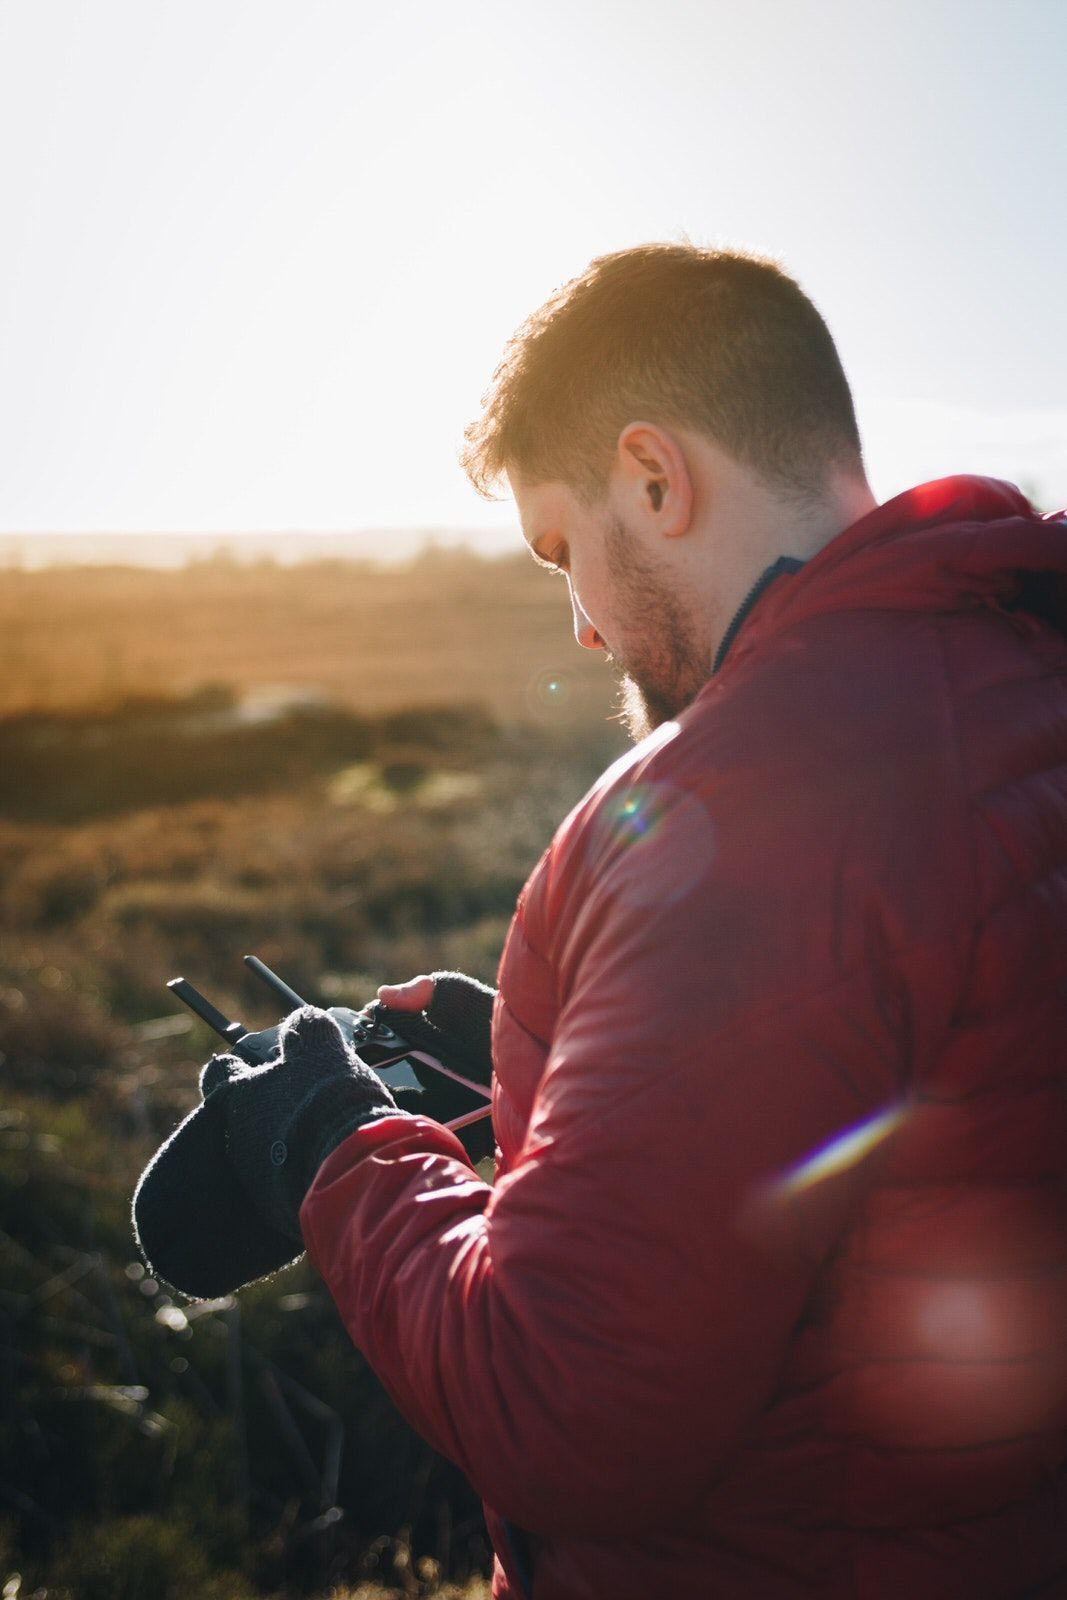 πετώντας drone το χειμώνα keep warm travelshare.gr